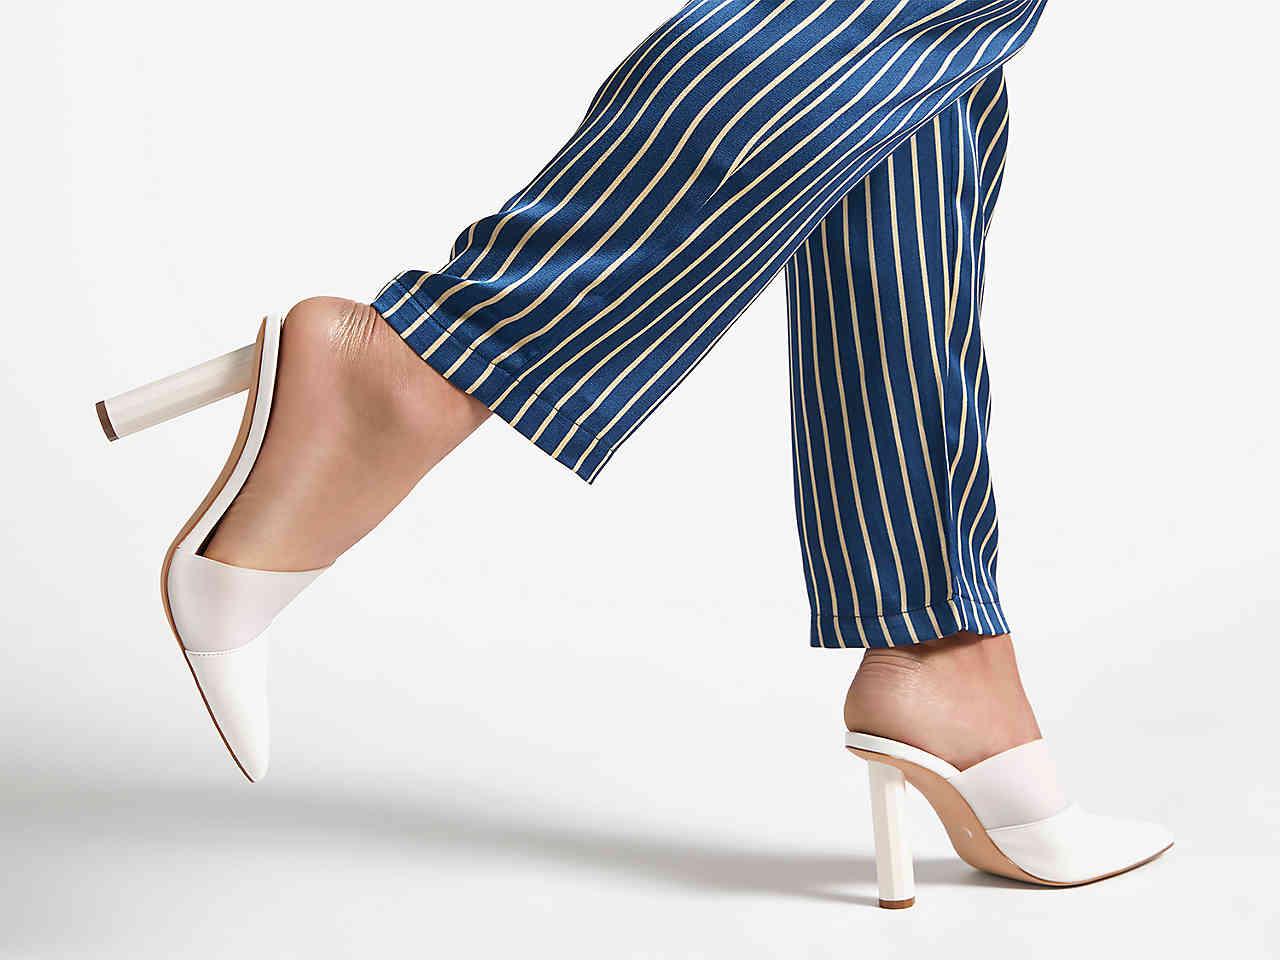 J.LO Jennifer Lopez DSW collection shoes